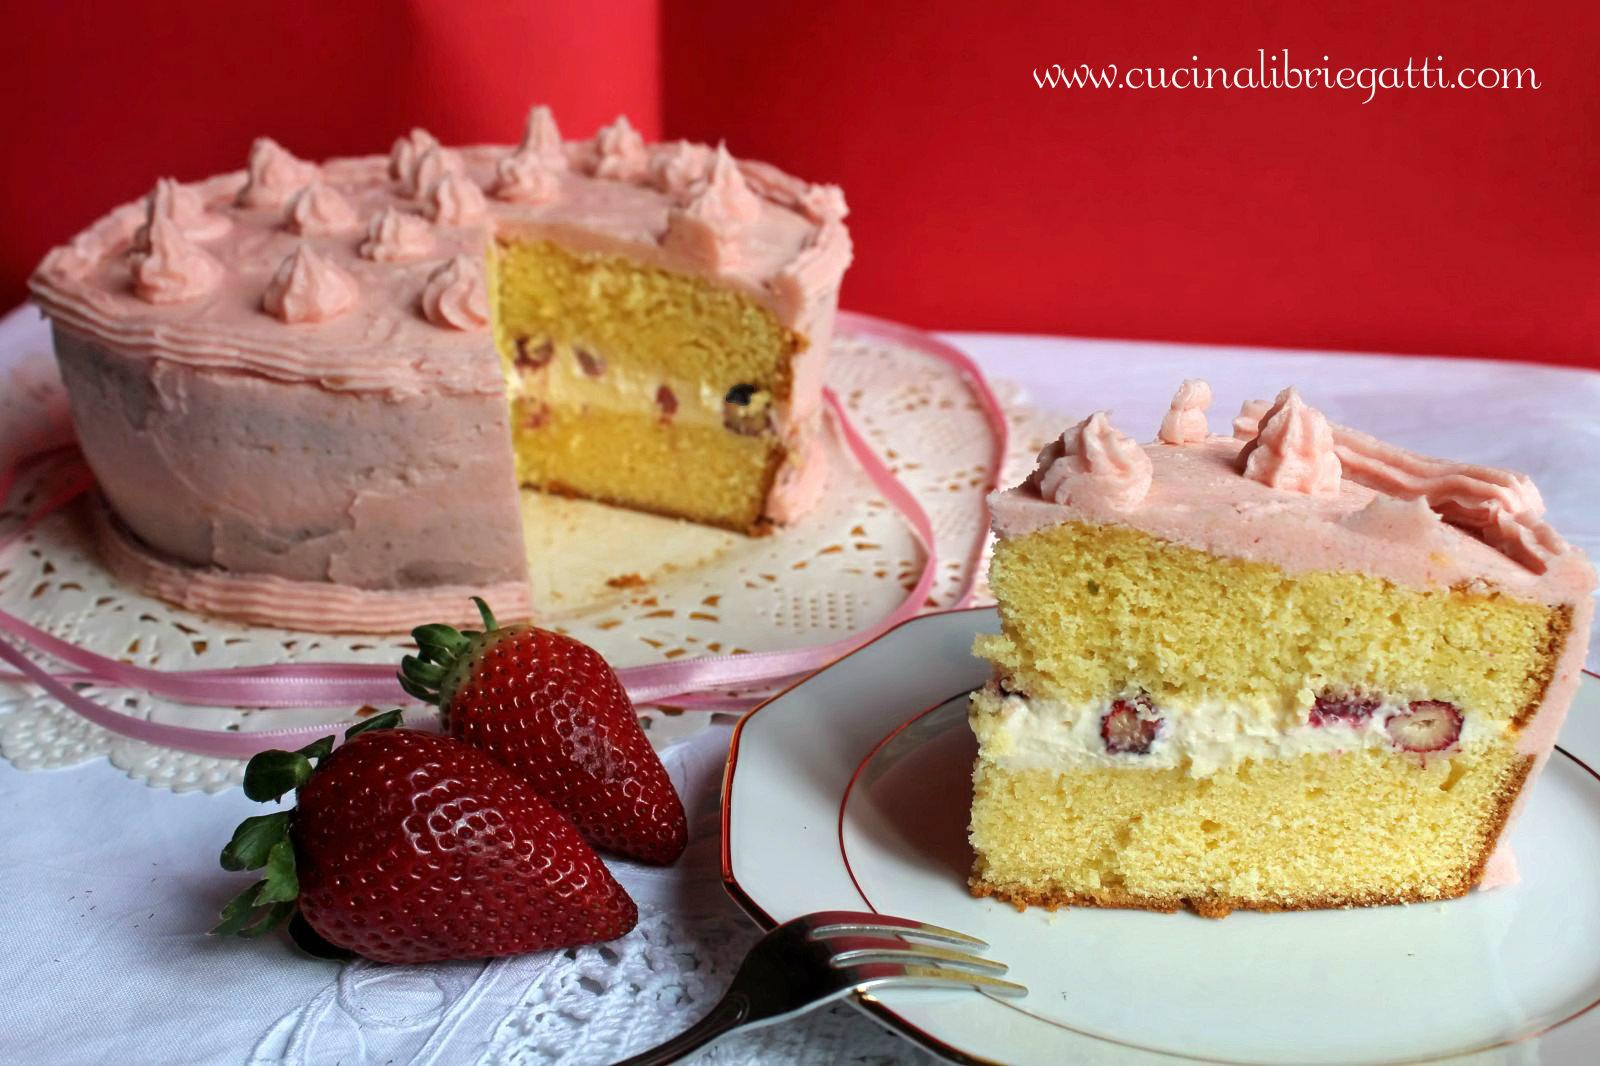 Ricetta torta con crema chantilly e fragoline